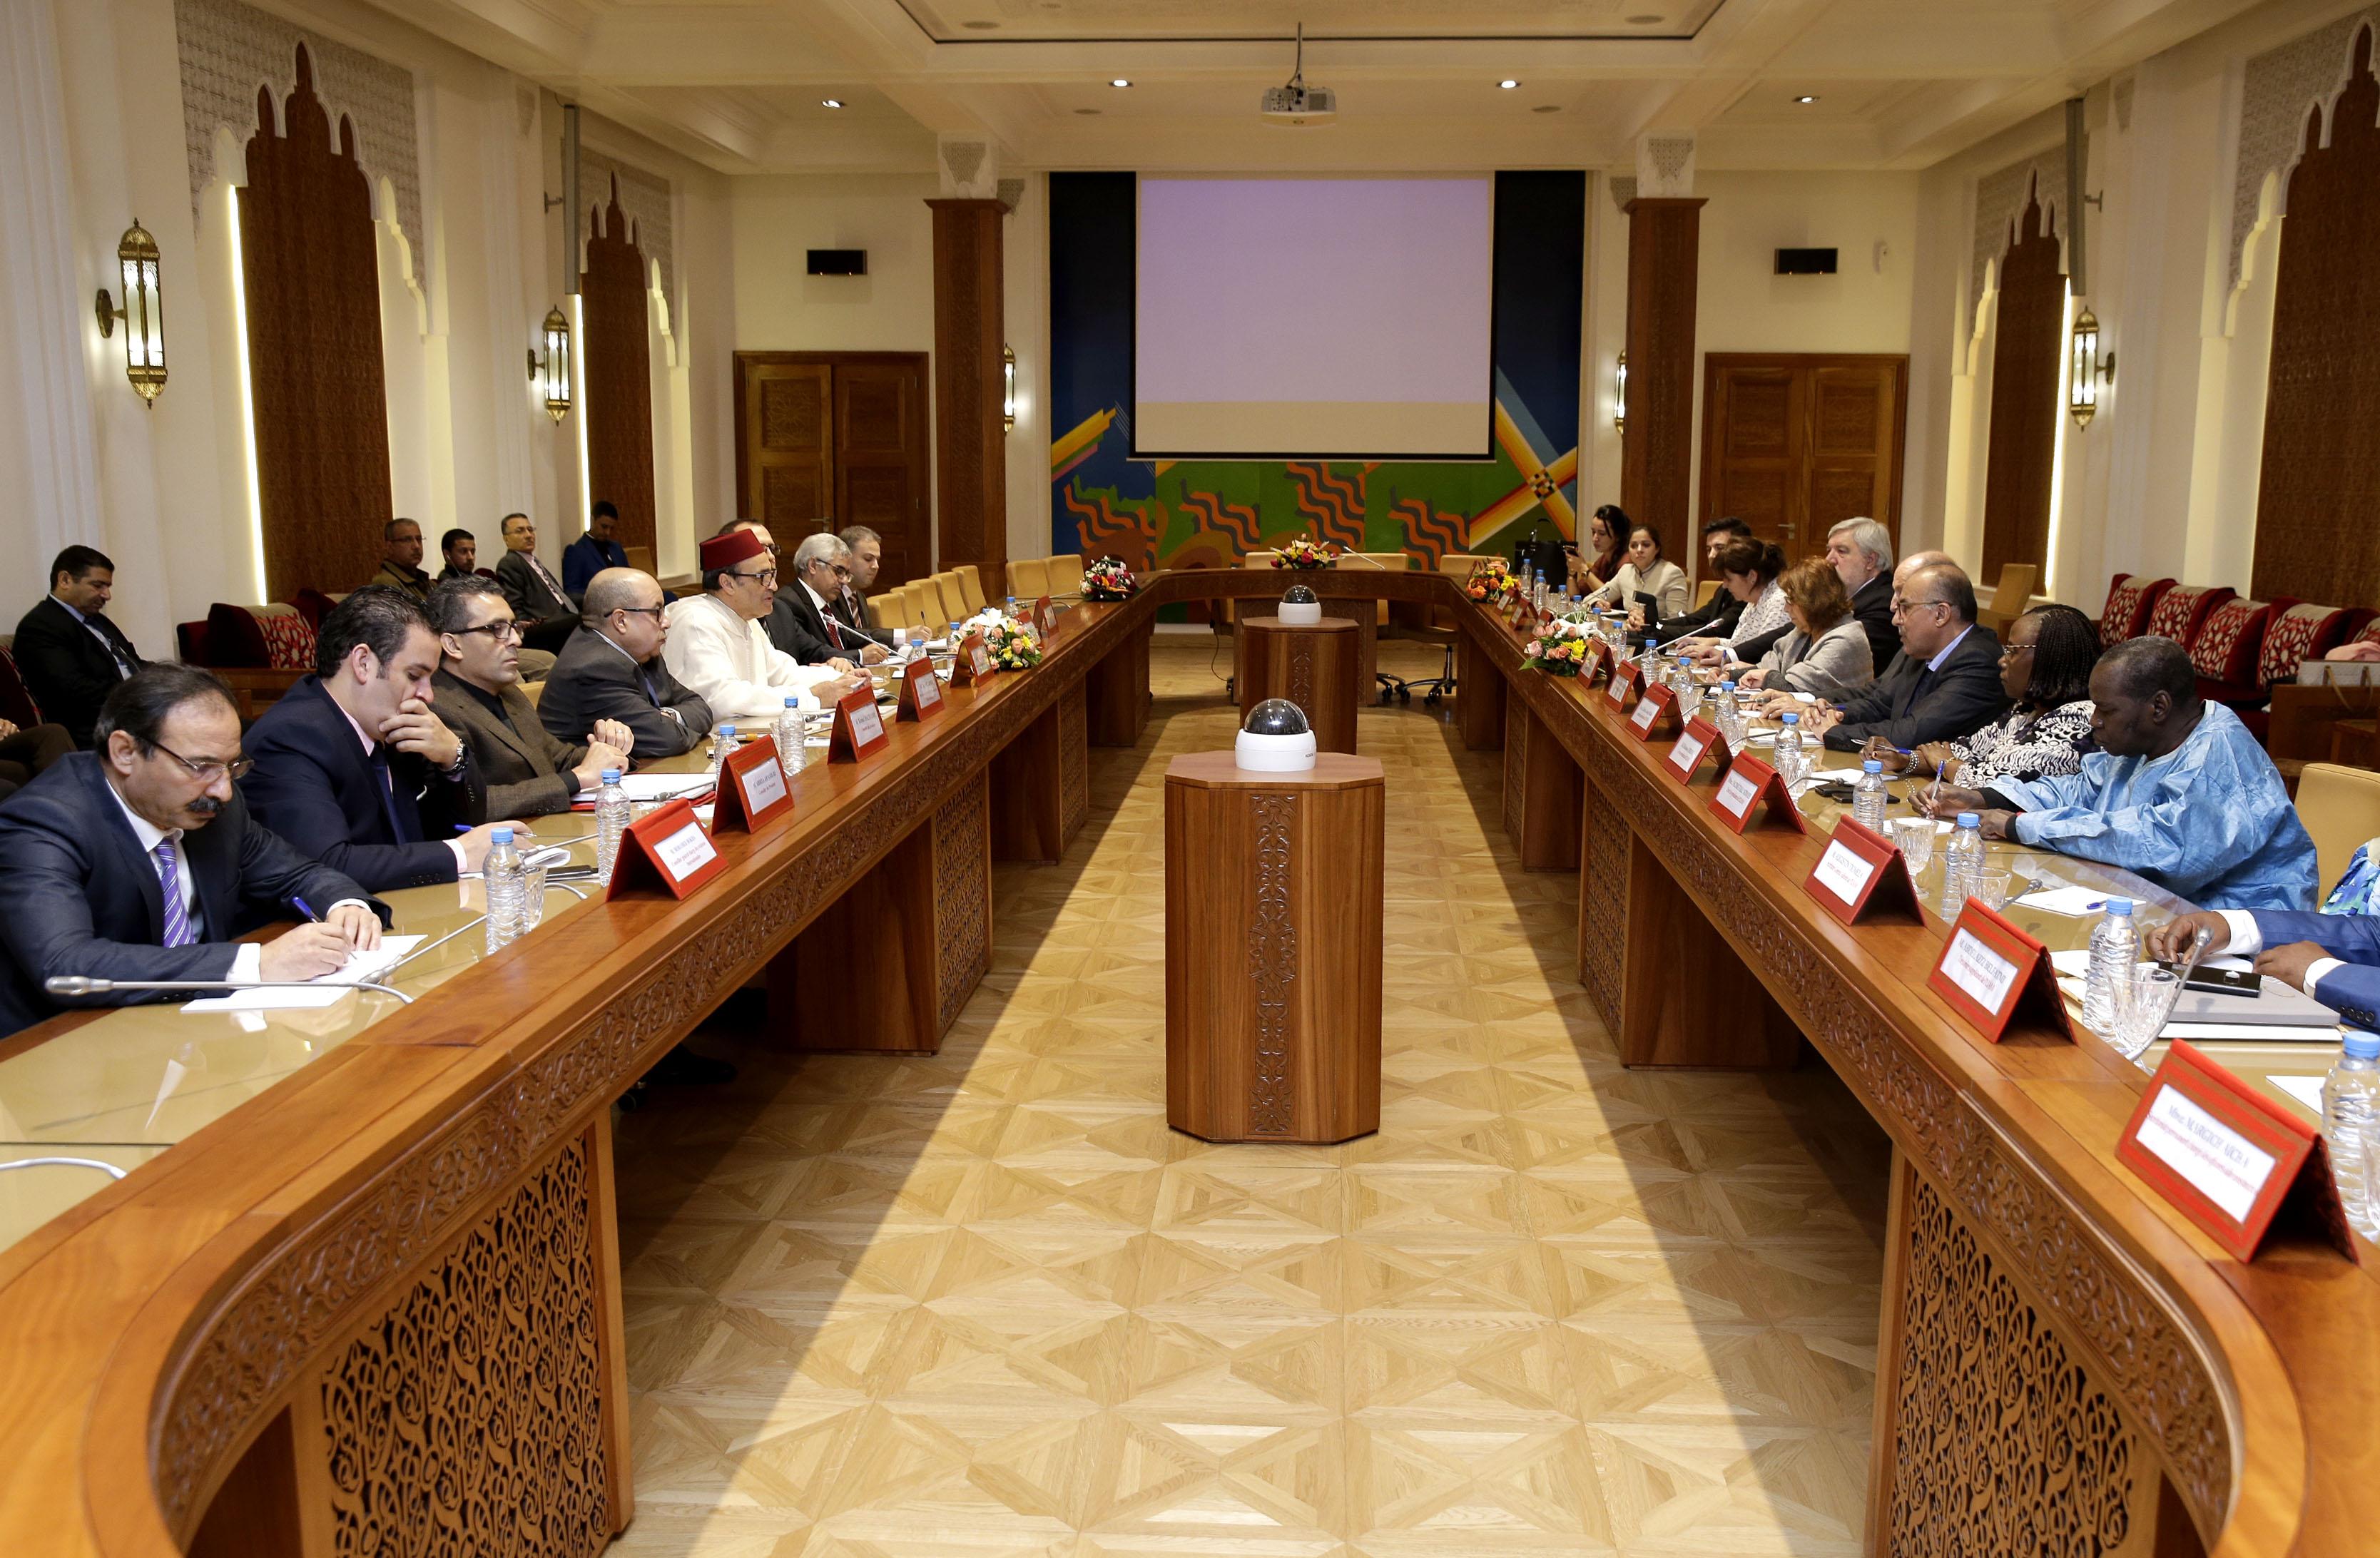 Habib El Malki : Le Maroc a opté pour l'économie  sociale et solidaire depuis le début des années 70